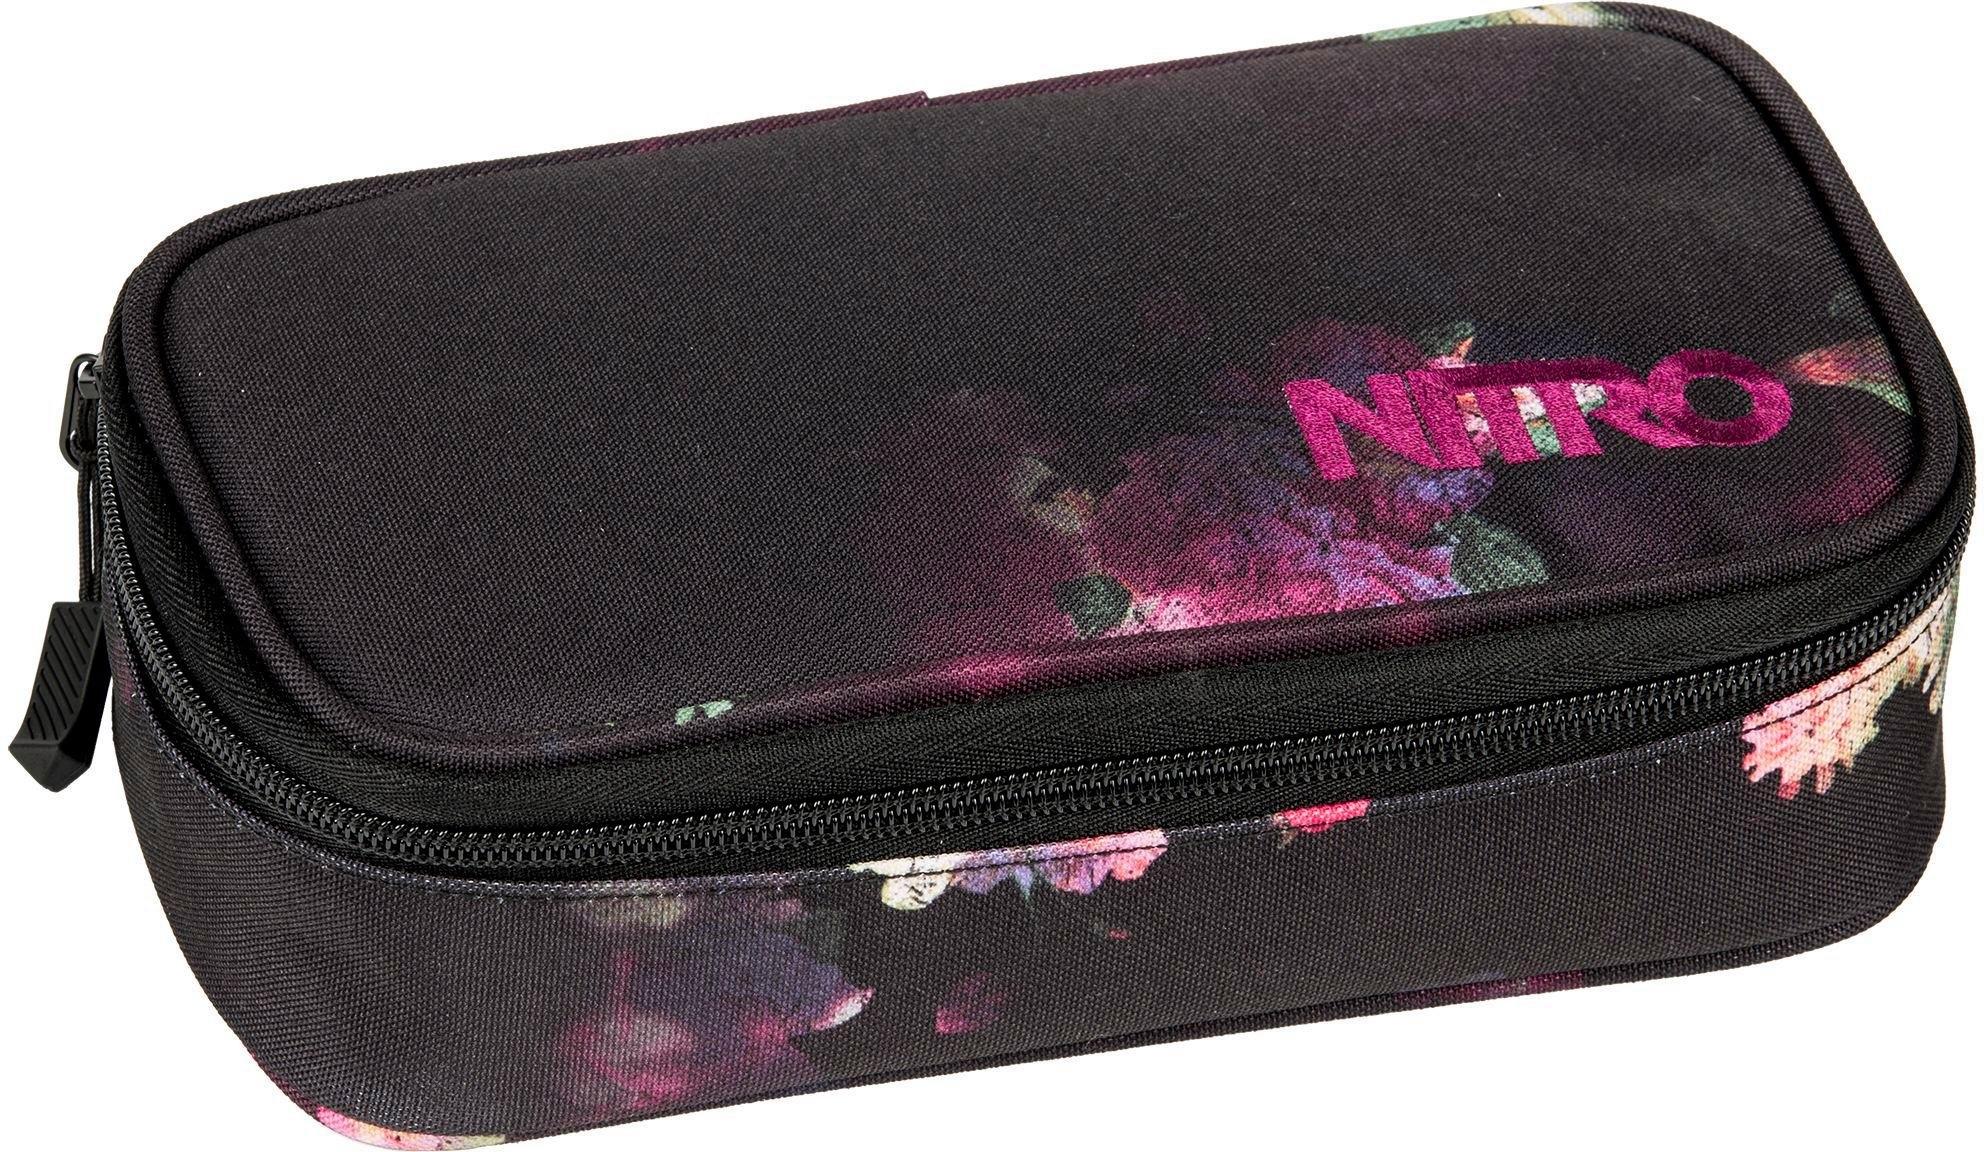 NITRO etui met inhoud, »Pencil Case XL Black Rose« bestellen: 30 dagen bedenktijd